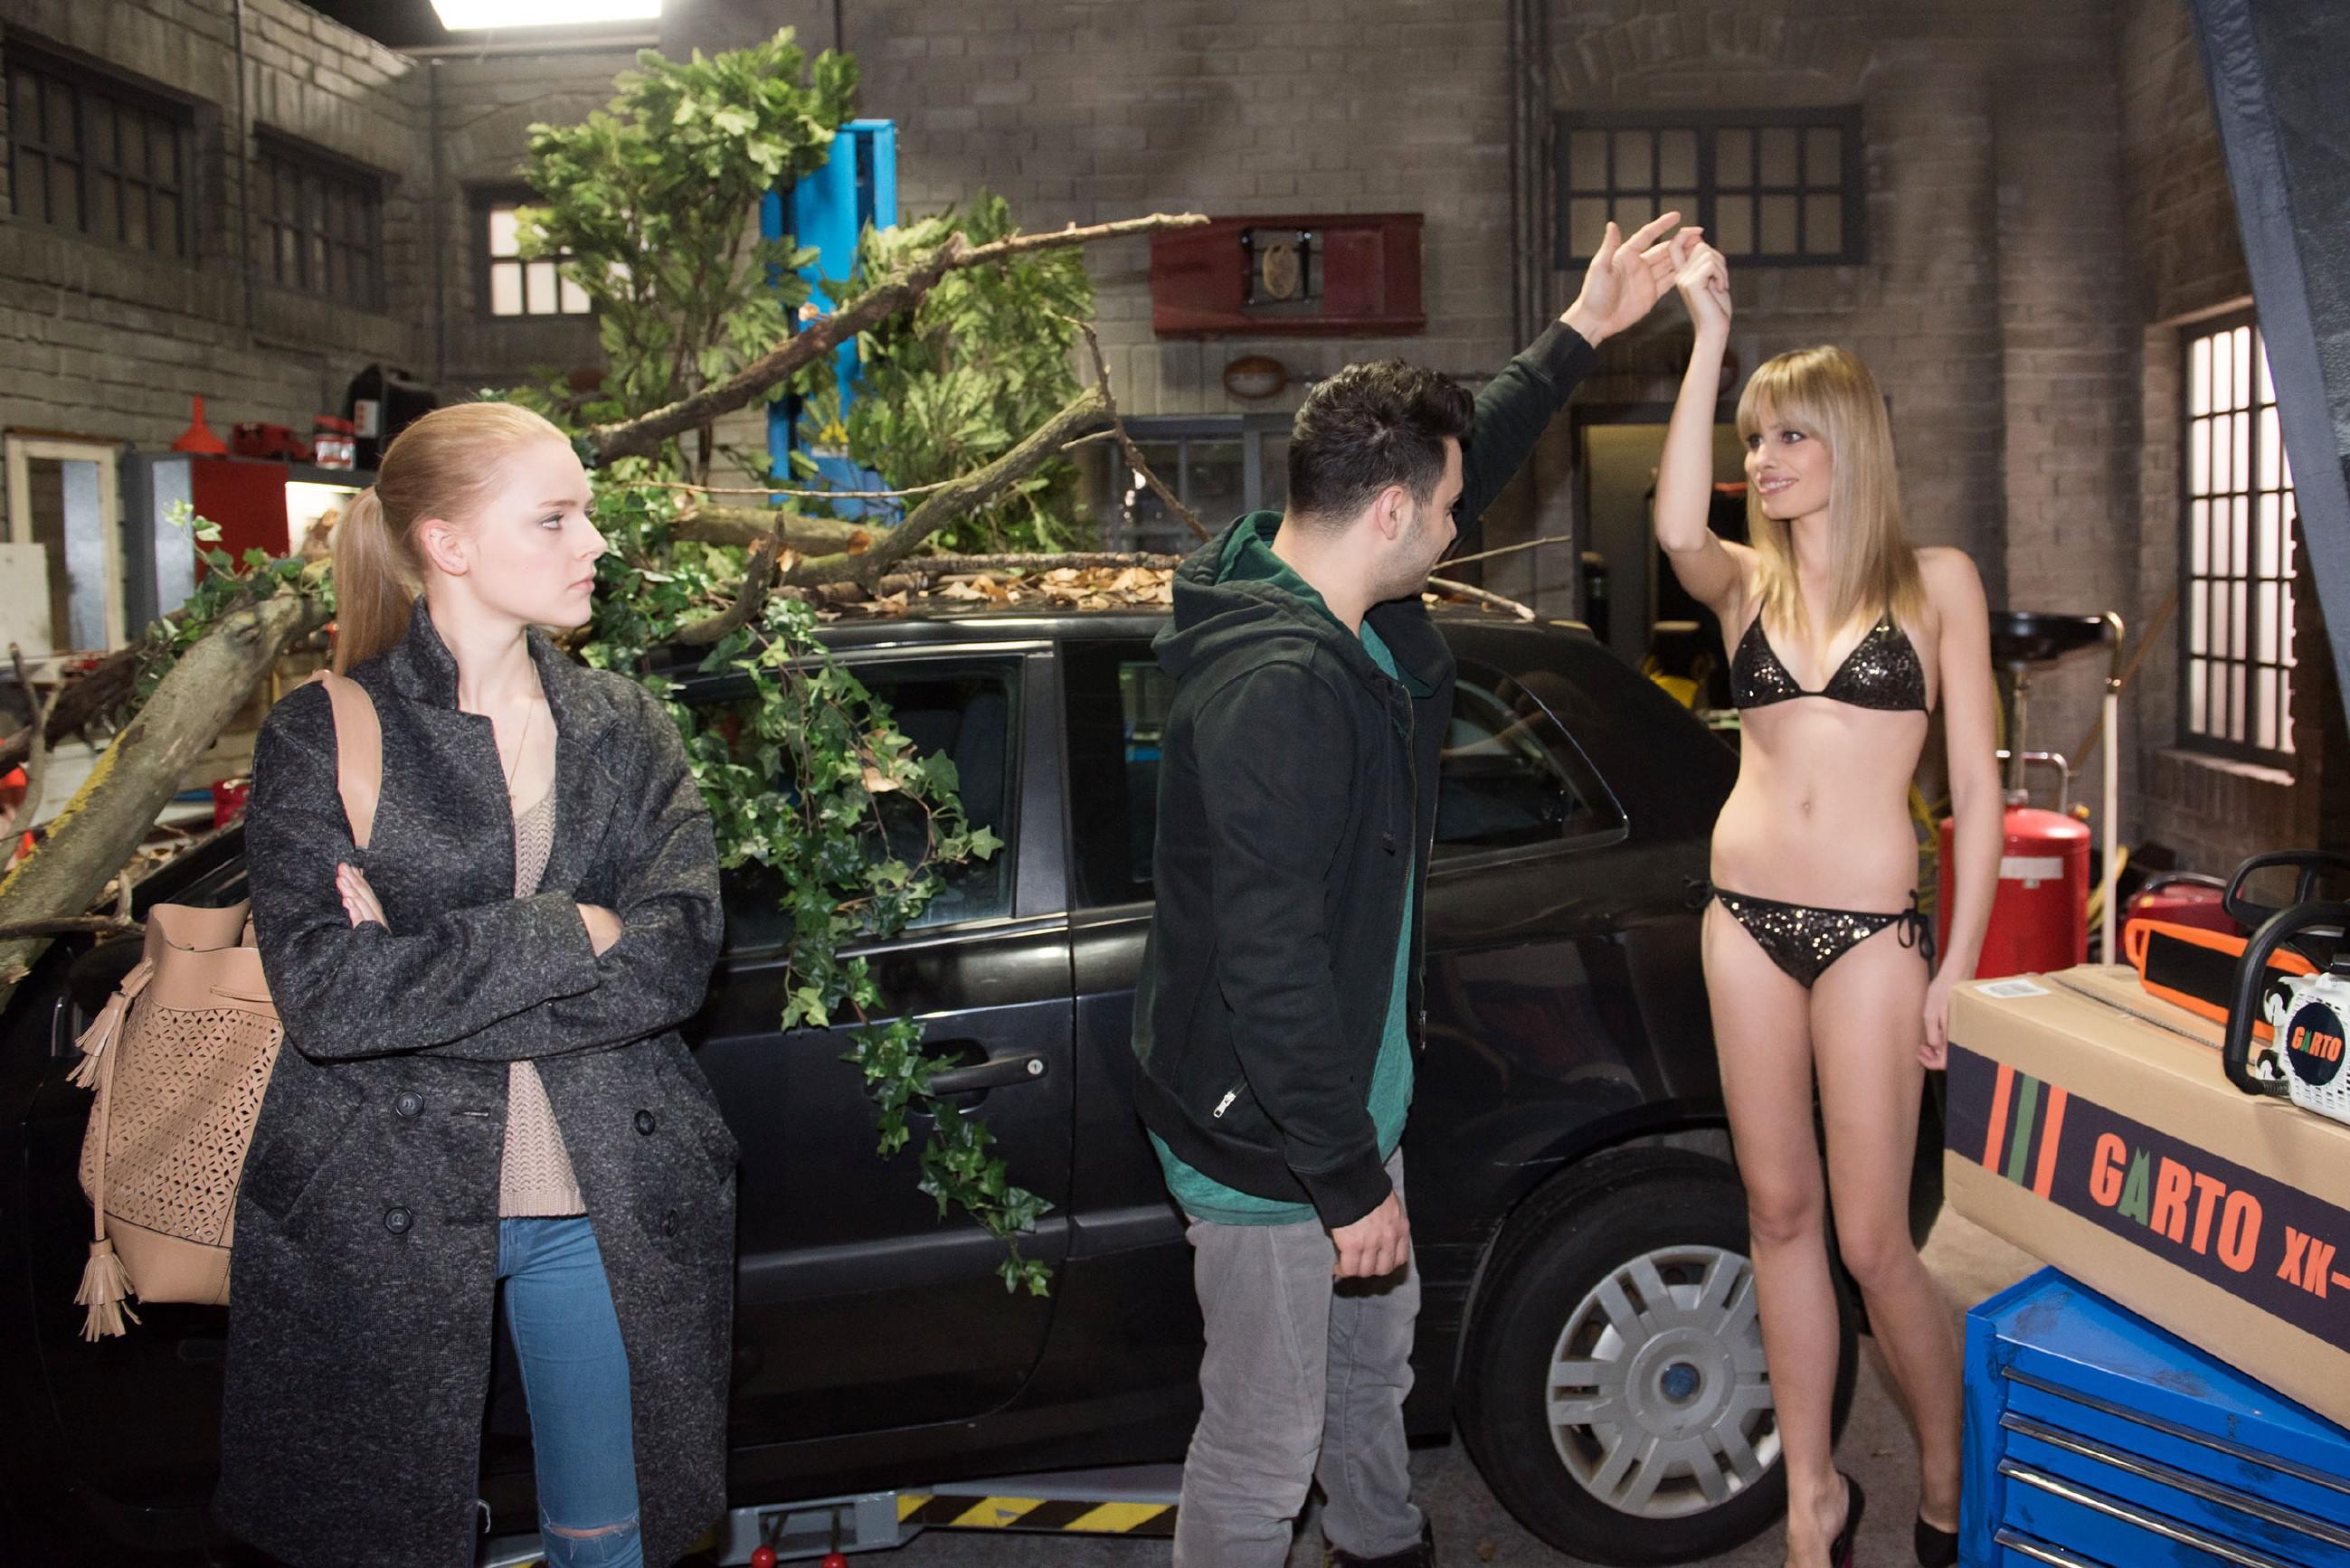 Fionas (Olivia Burkhart, l.) Unsicherheit in Bezug auf Easy (Lars Steinhöfel) wird von dem sexy Model Lena (Jana Beller) geschürt, die sich vor Easys Kamera in Position bringt. (Quelle: RTL / Stefan Behrens)